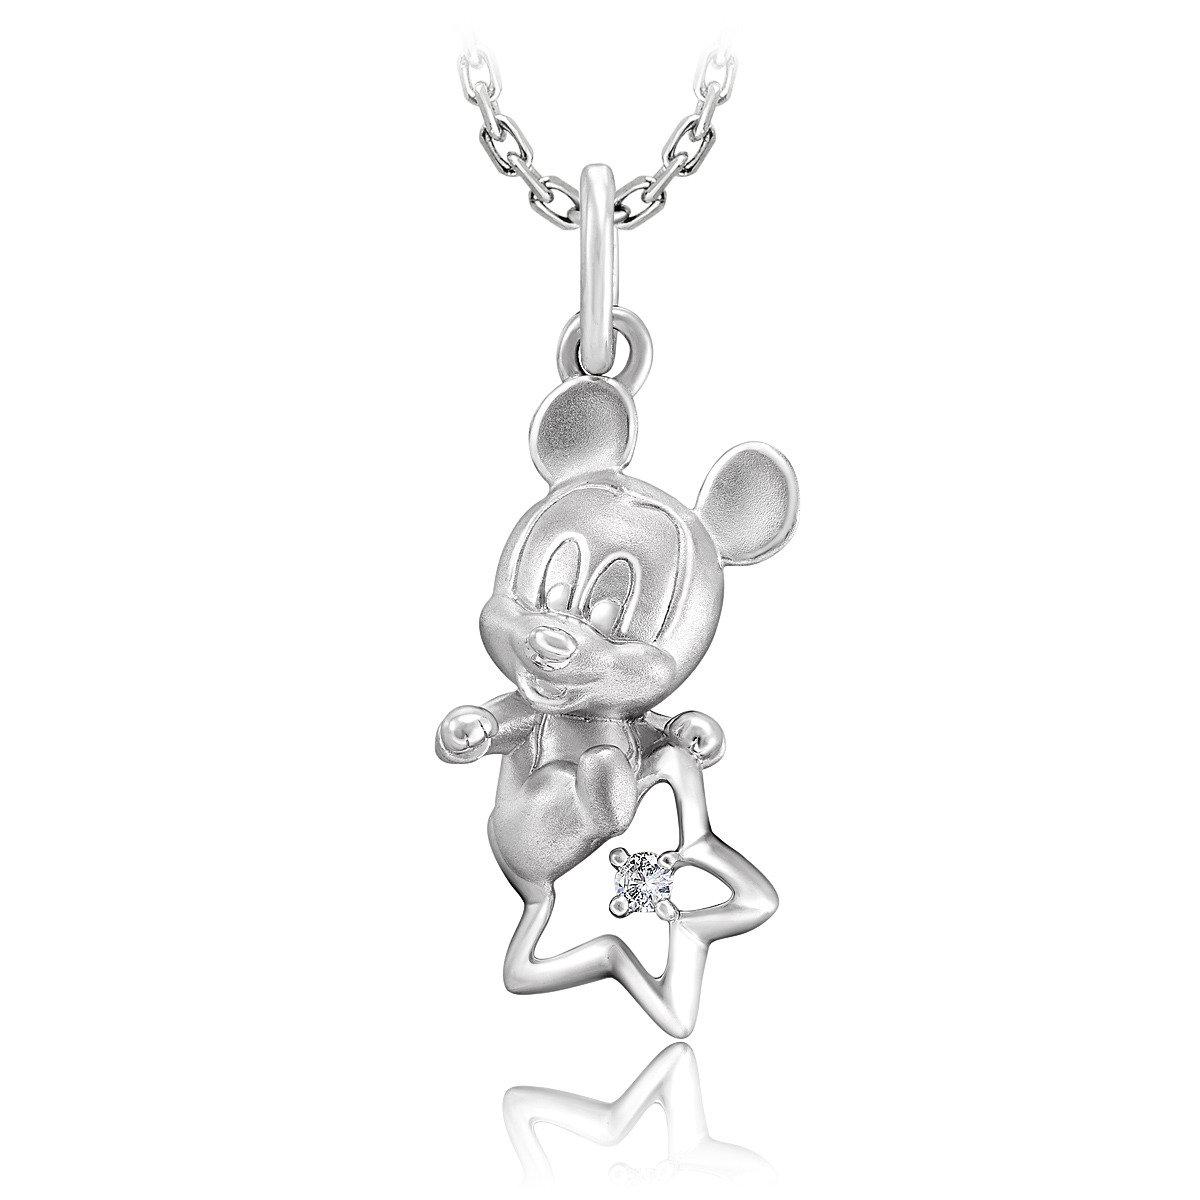 (HKTV獨家)迪士尼經典系列925銀鑲天然鑽石吊墜